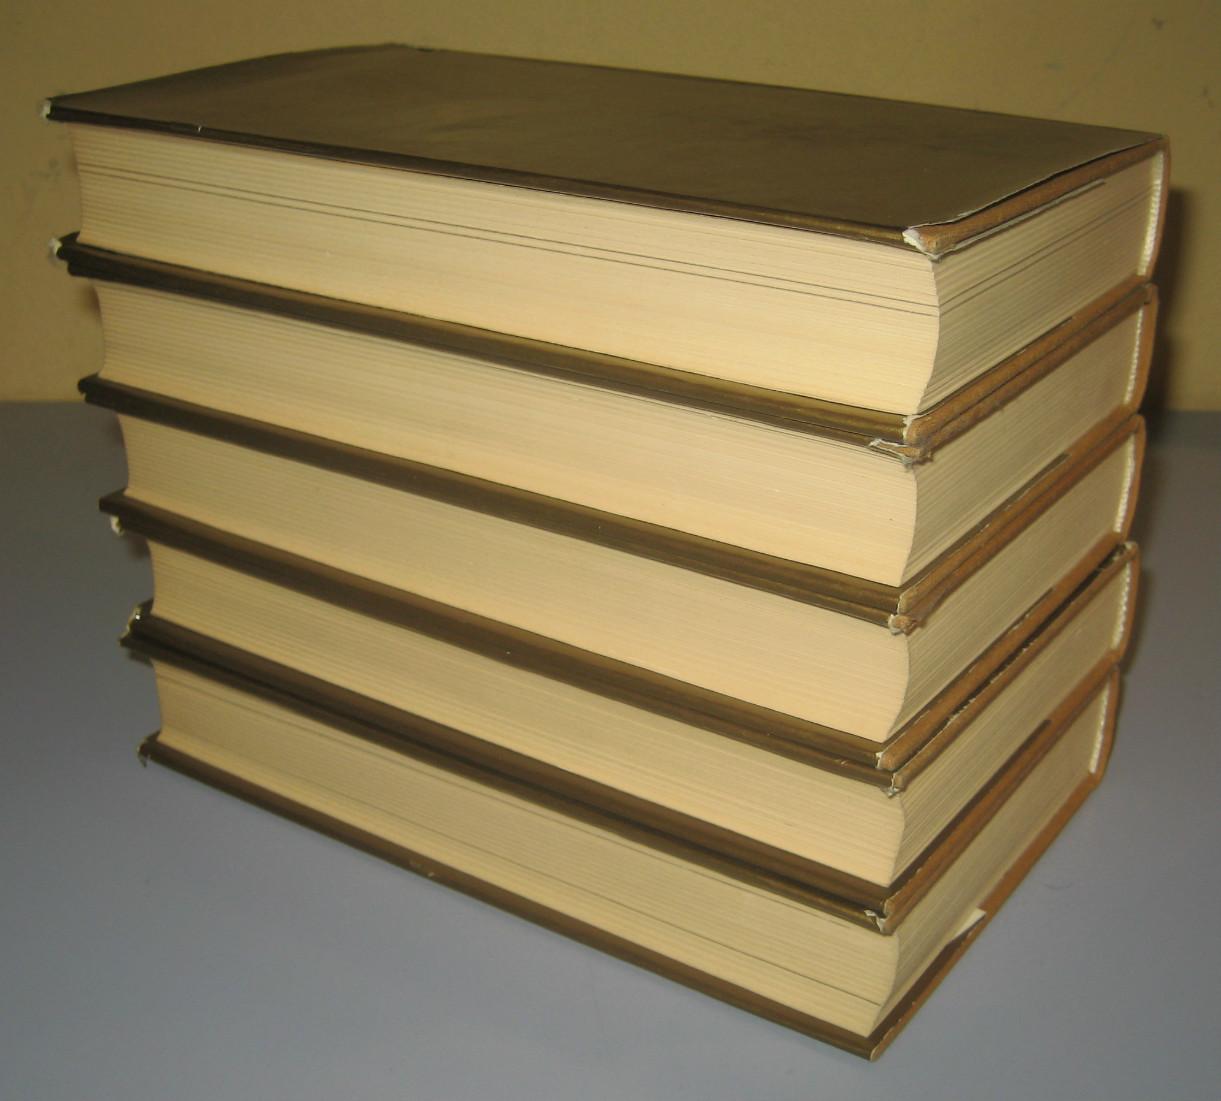 Bodler Komplet 5 Knjiga